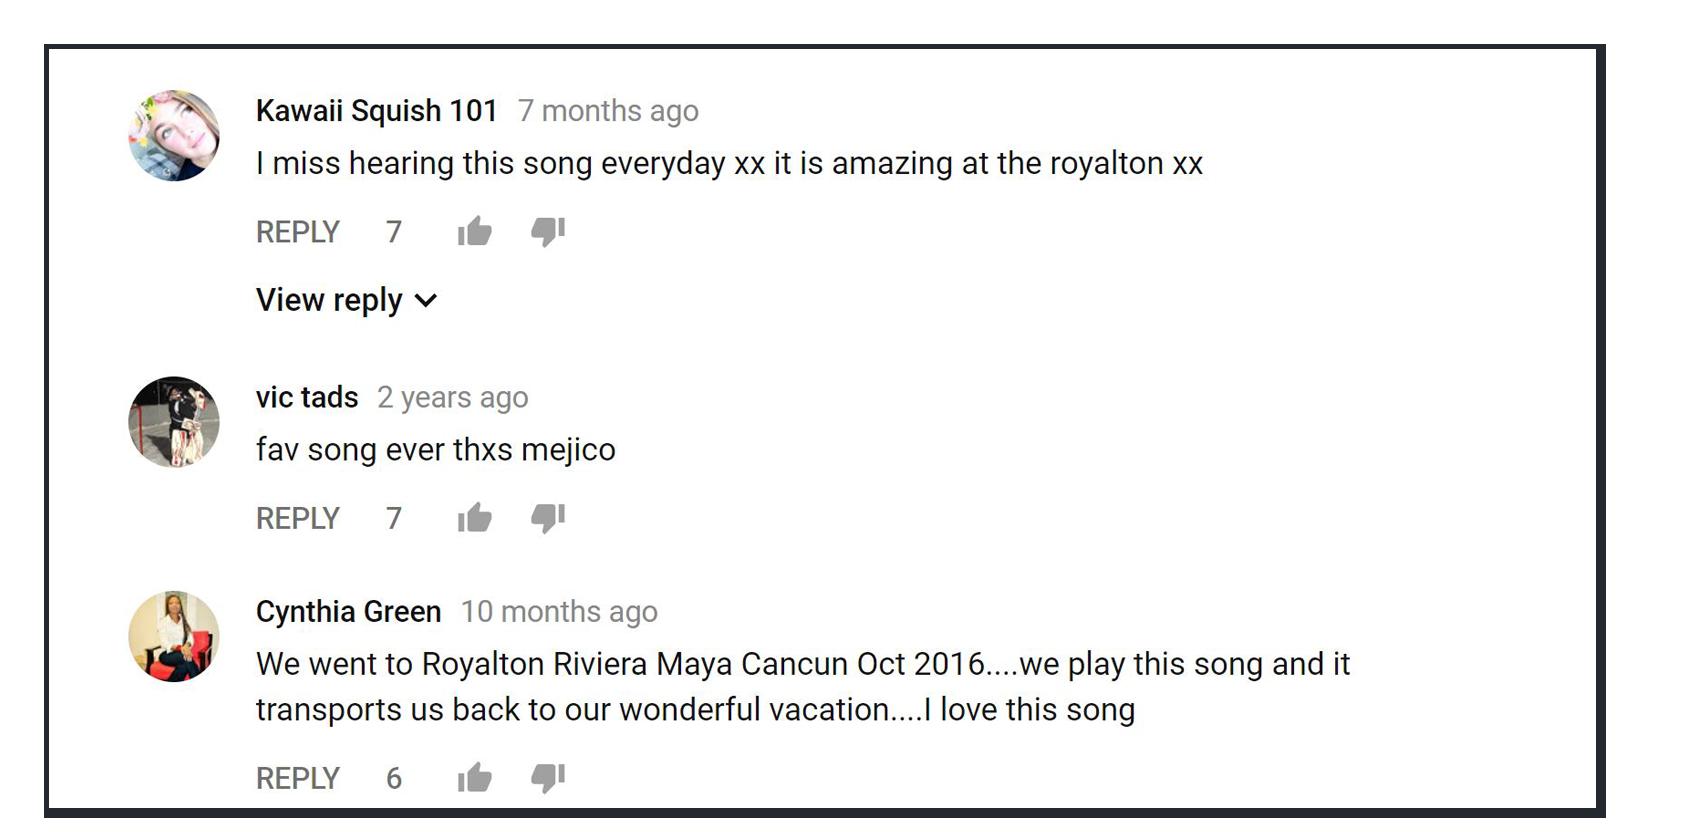 Royalton life song